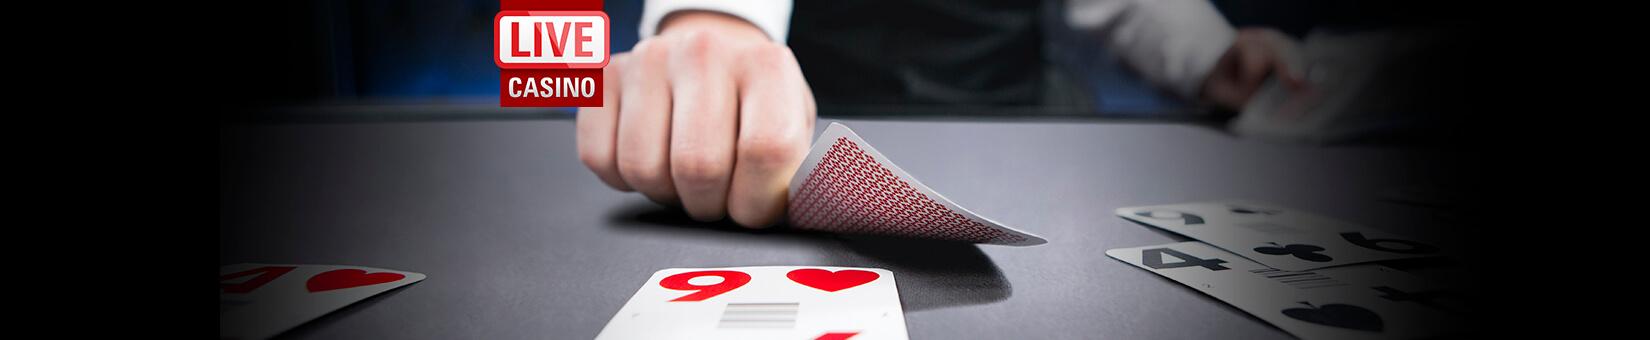 Los casinos más reputados para jugar al baccarat por dinero real-151